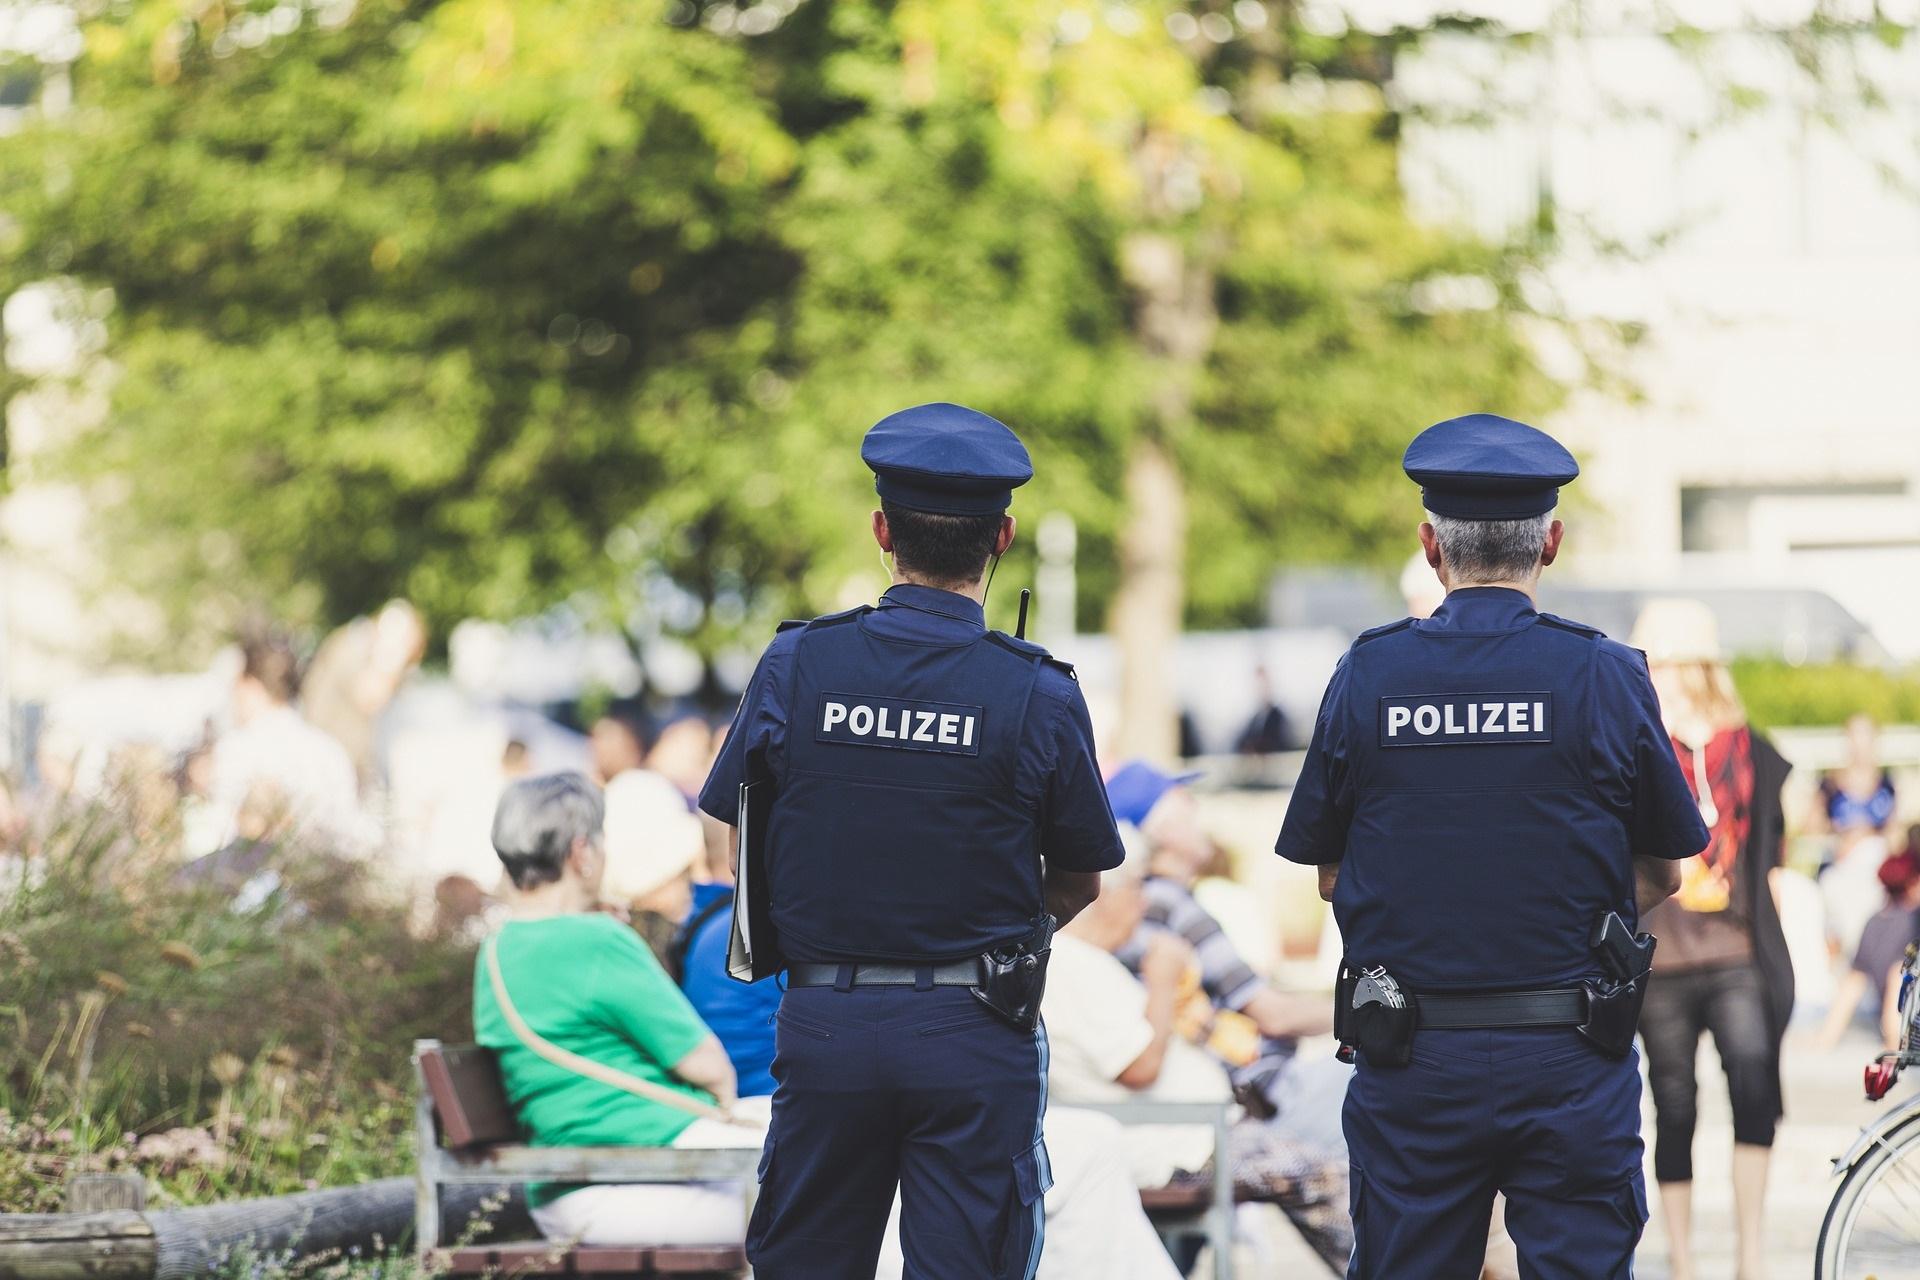 CDU-Innenminister Wöller: Polizei unterstützen statt unter Generalverdacht stellen